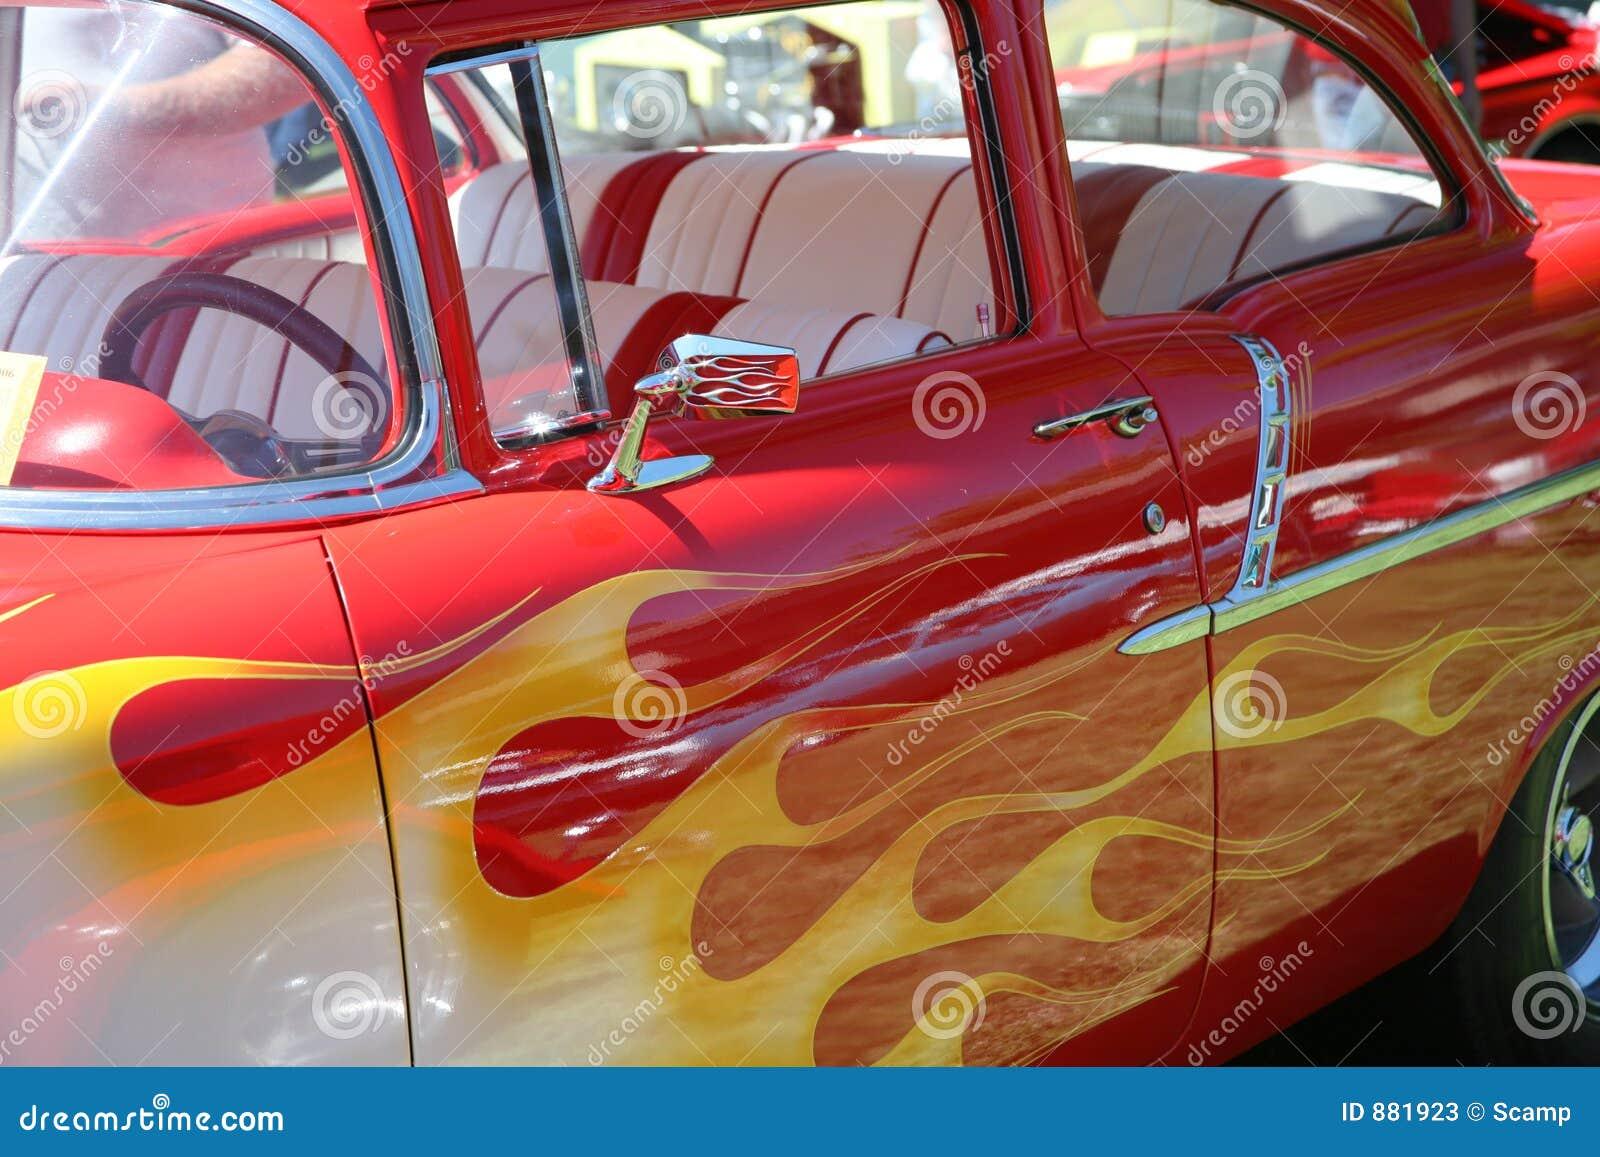 gemalte flammen auf auto stockbild bild von klassisch 881923. Black Bedroom Furniture Sets. Home Design Ideas